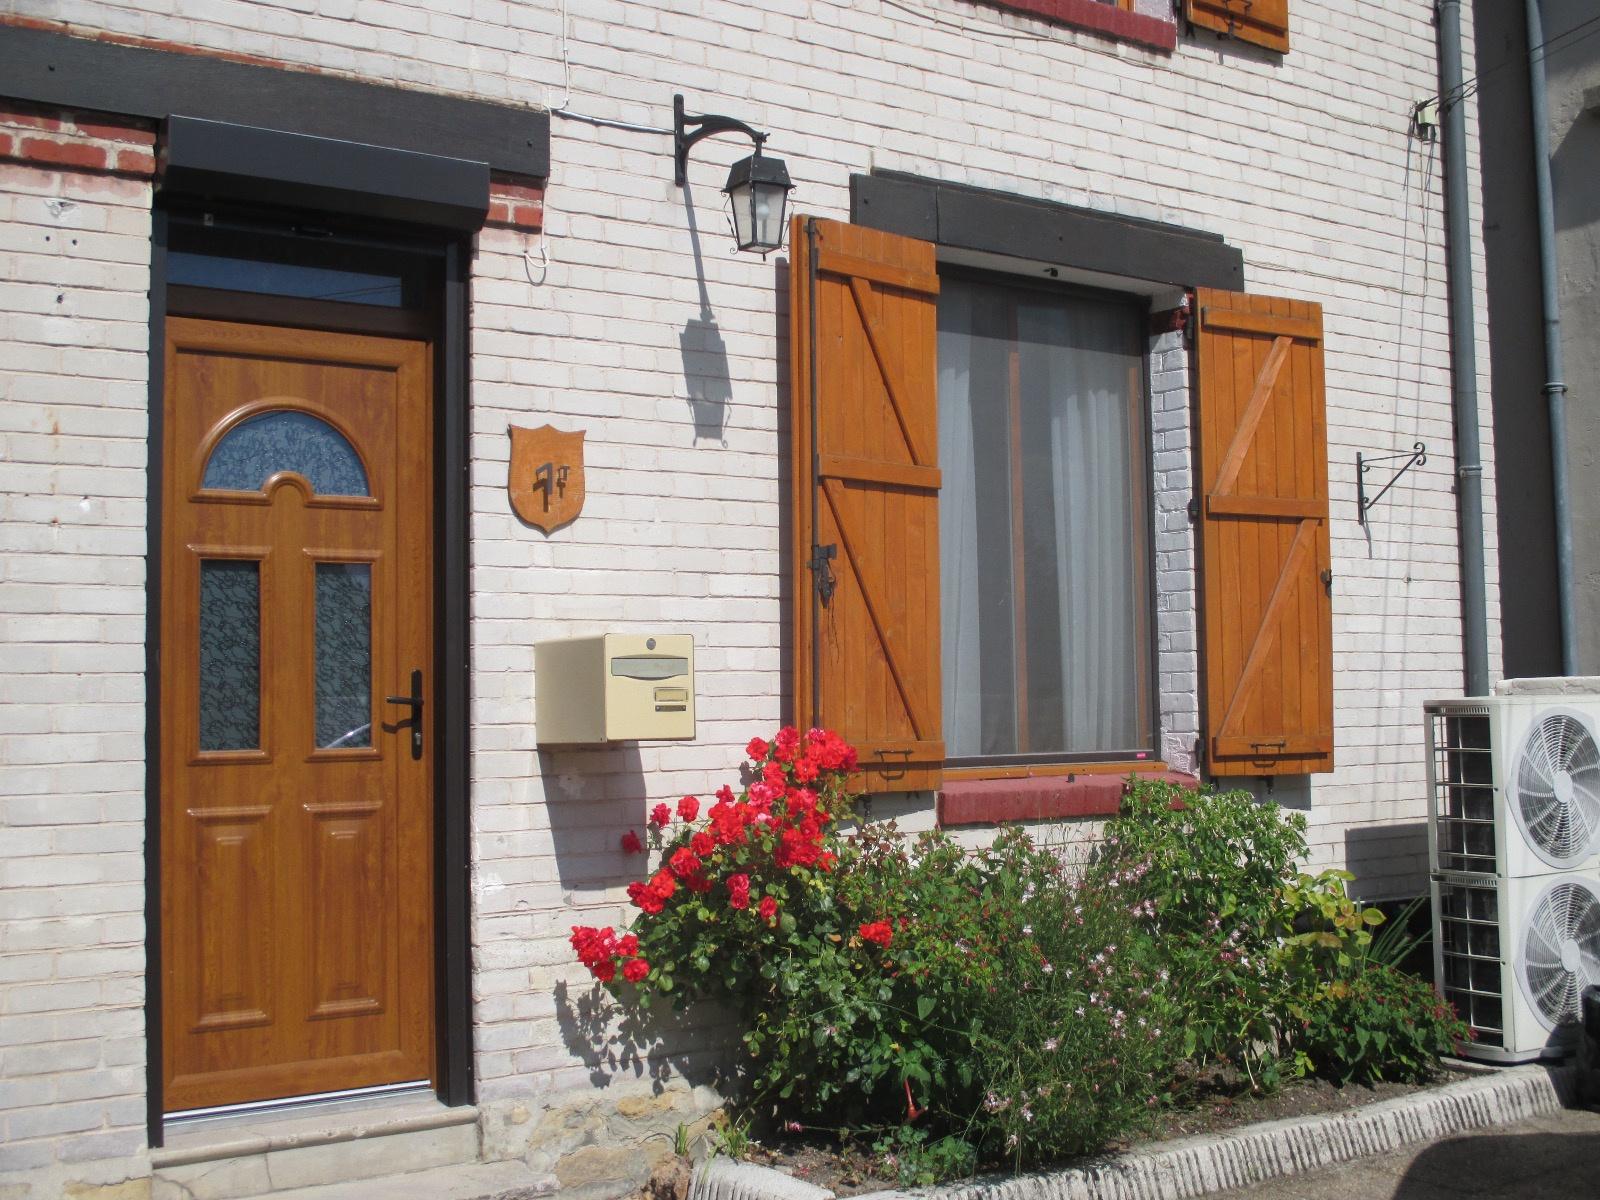 Vente maison de village proche commerces for Maison guignicourt